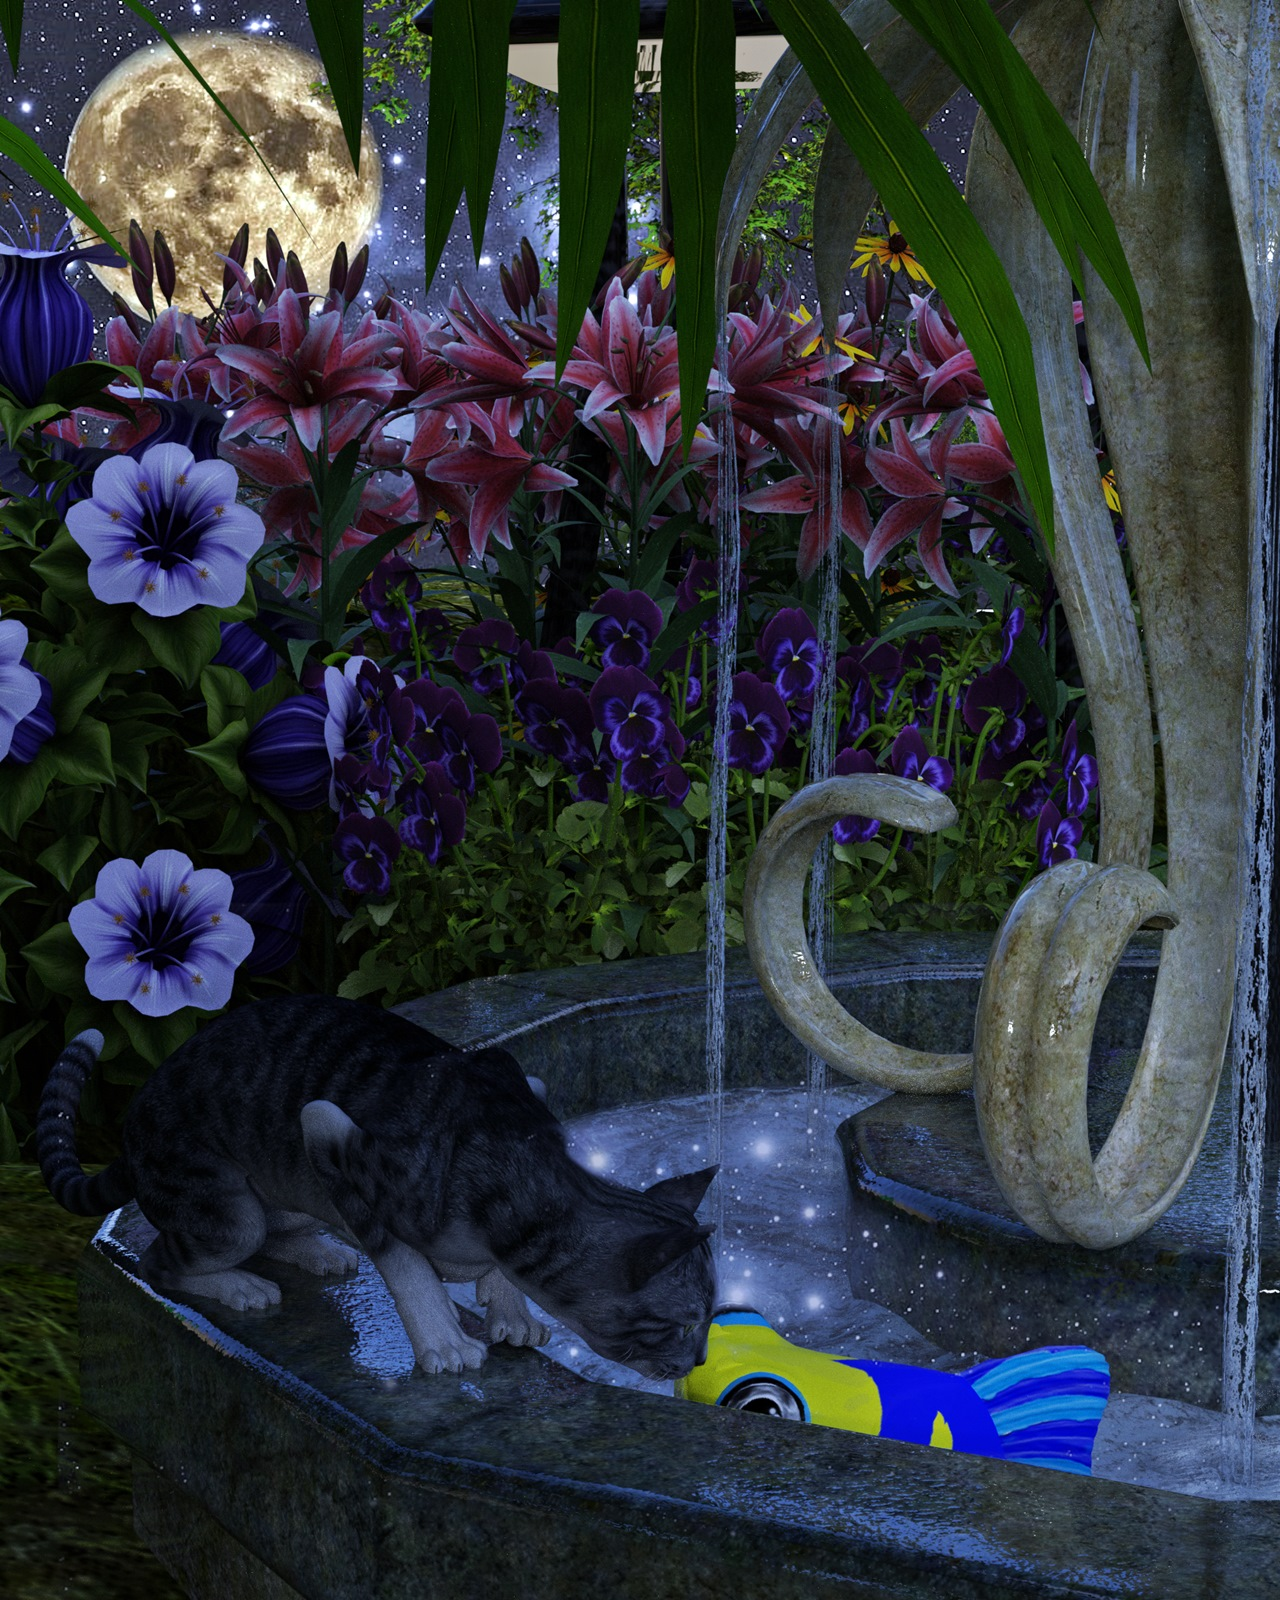 Garden_Friendship_Hivewire_Comp_edit_1600.jpg